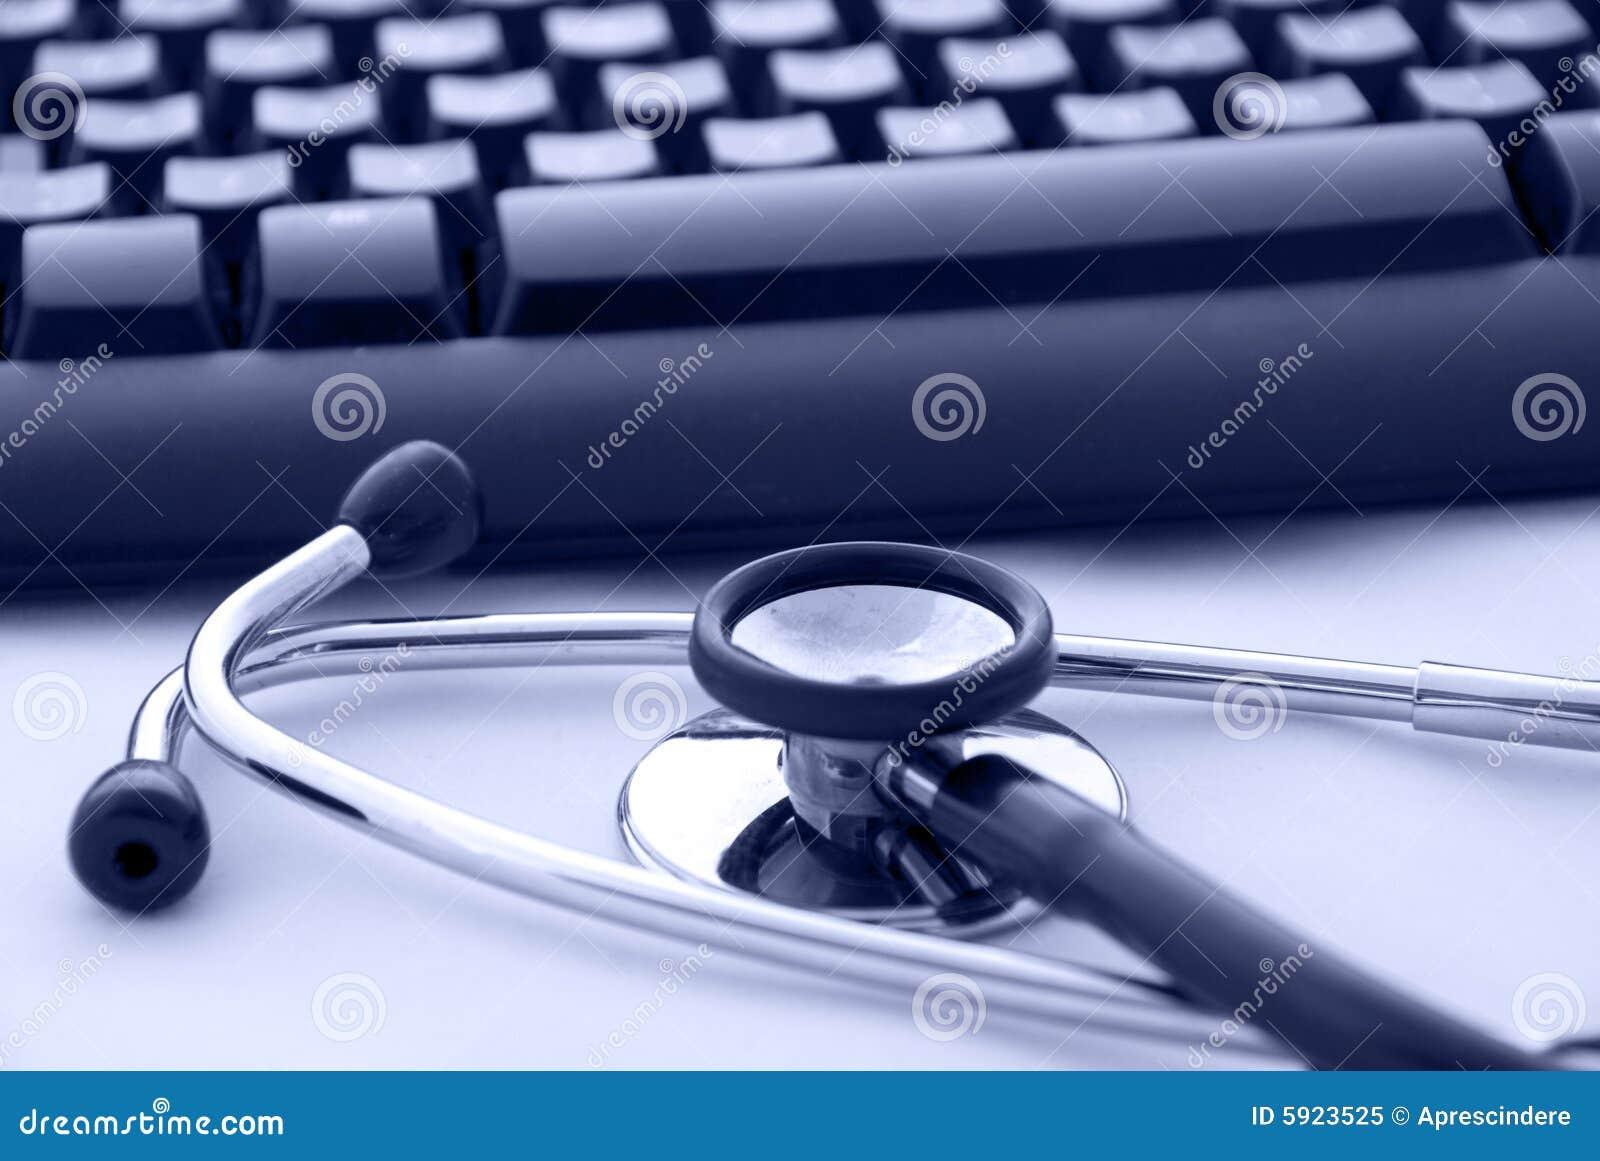 Stetoskop för datortangentbord